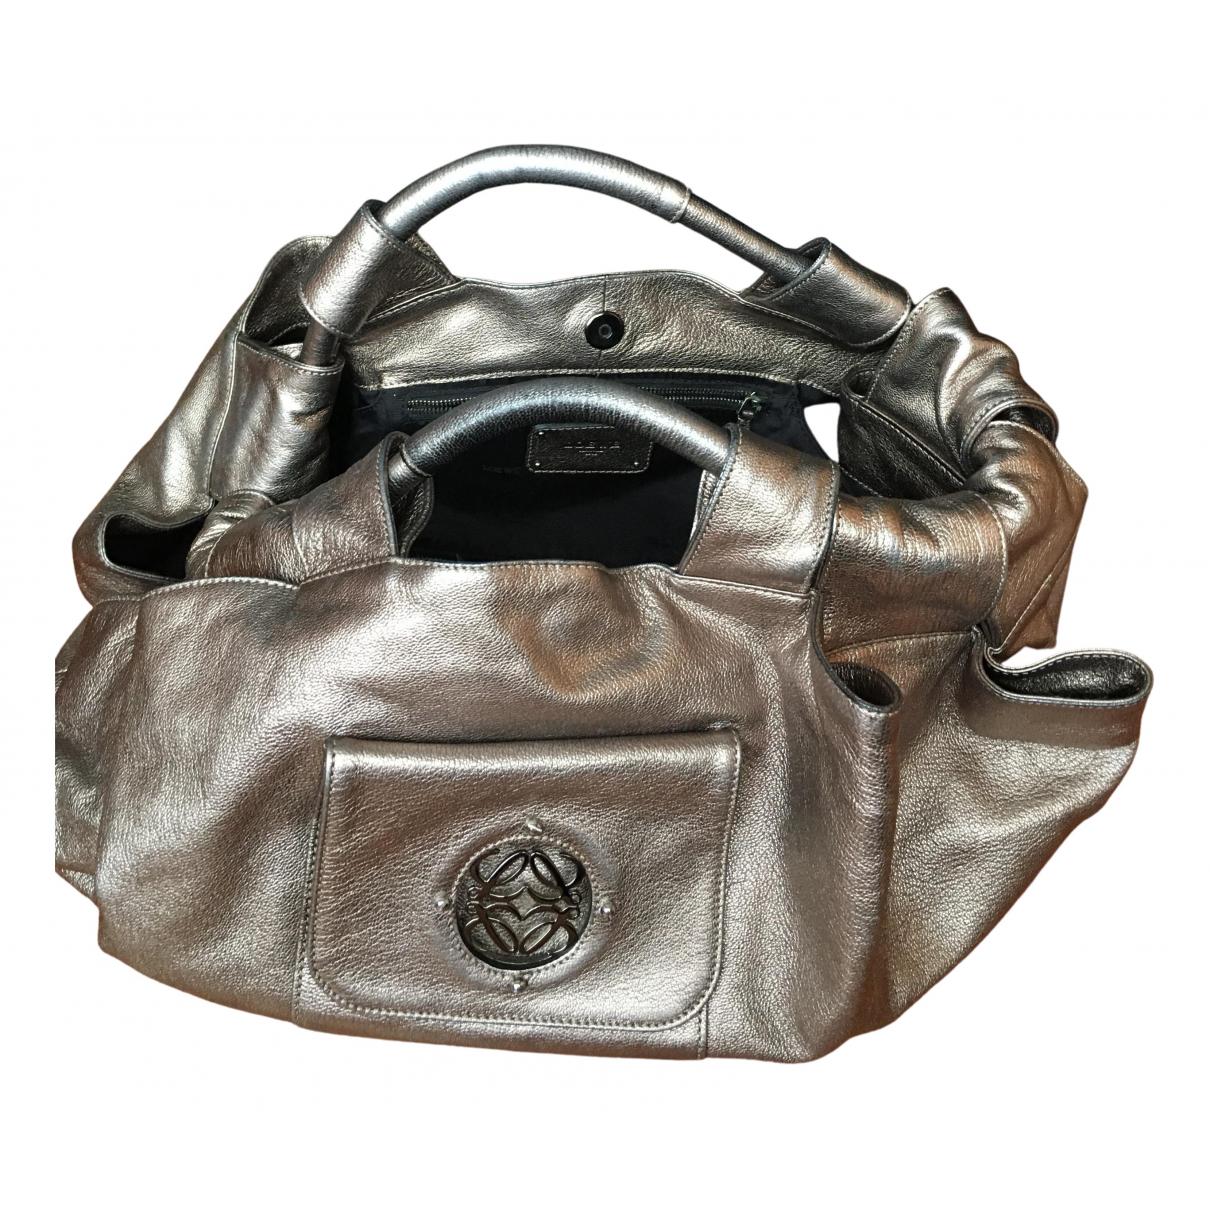 Loewe N Metallic Leather handbag for Women N